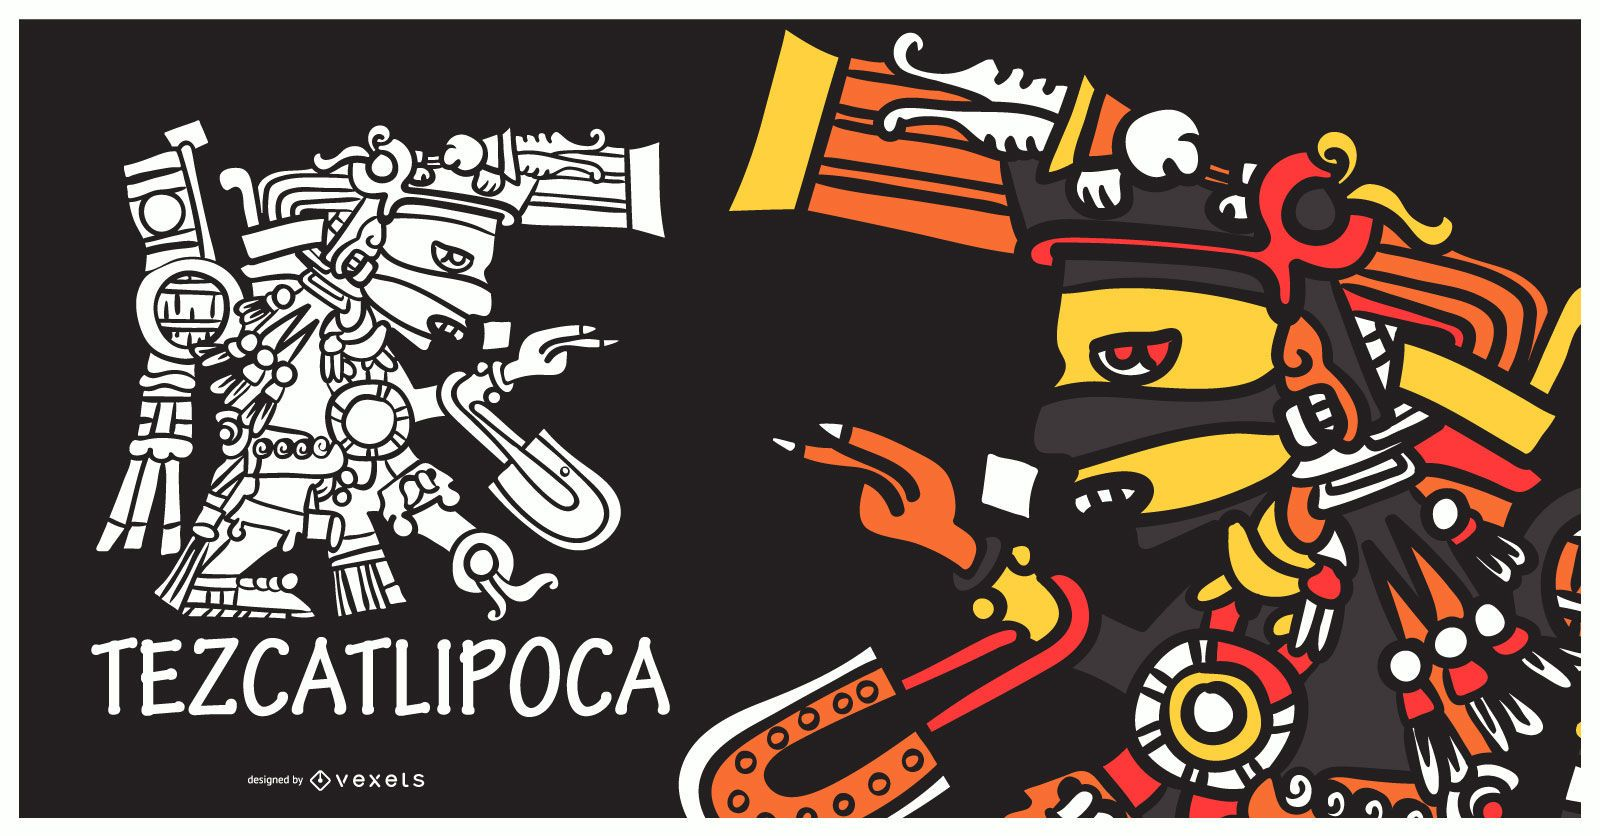 Aztec god tezcatlipoca illustration